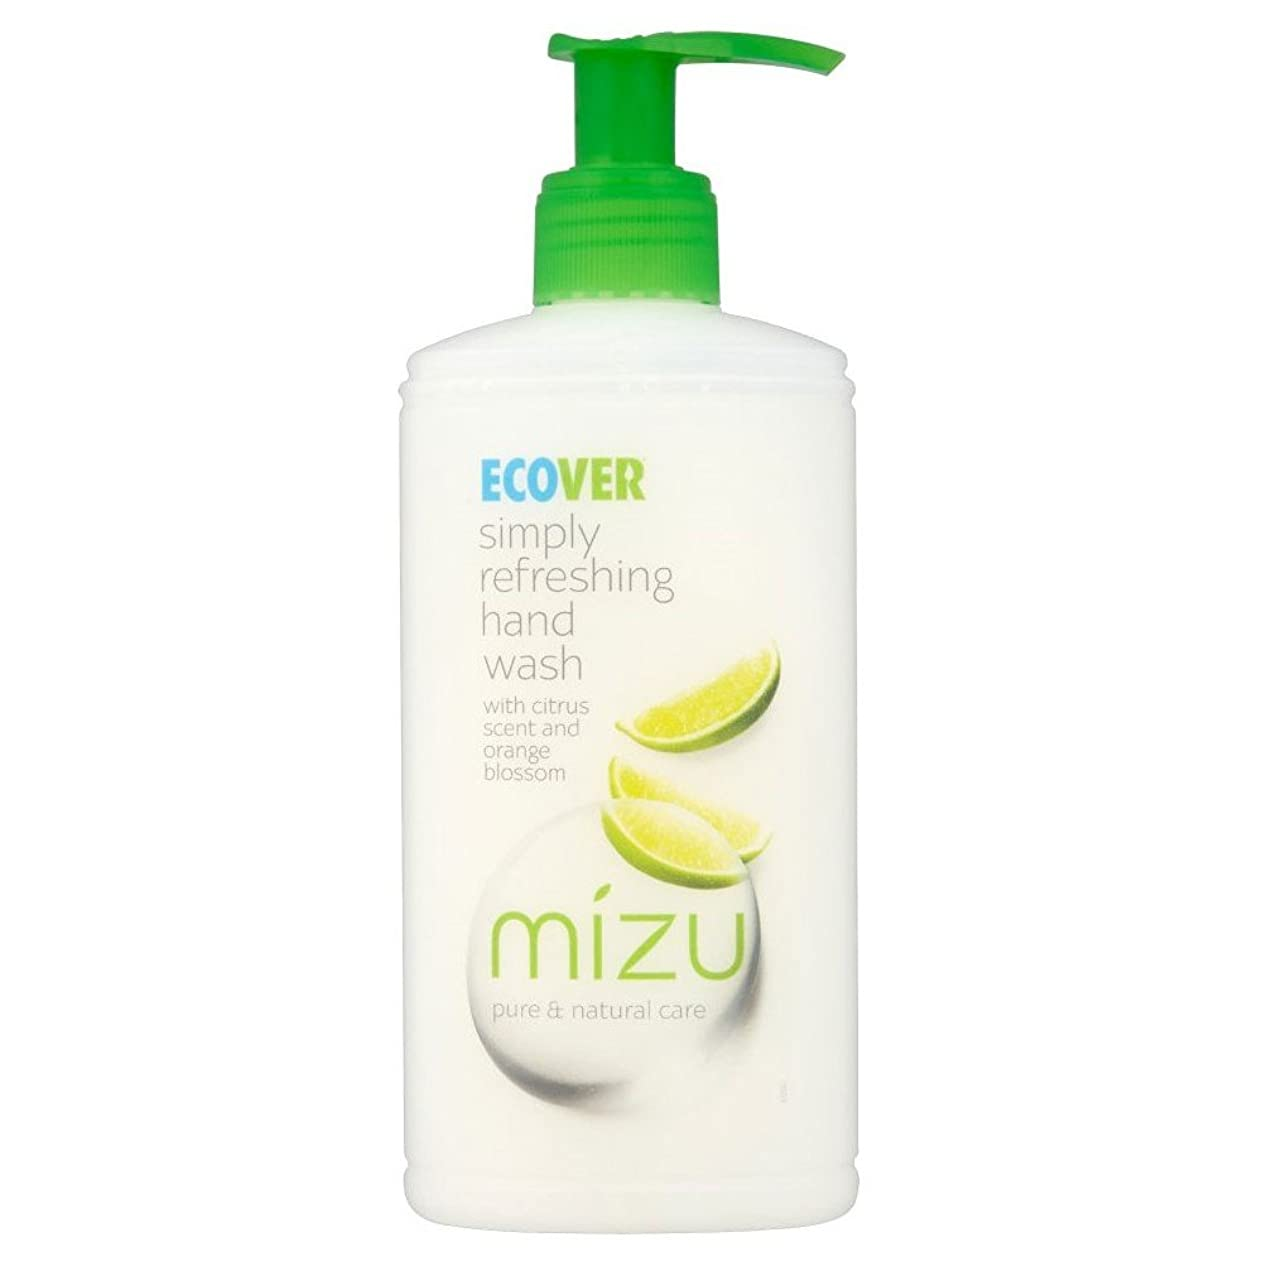 ラテン継承事Ecover Liquid Hand Soap Citrus & Orange Blossom (250ml) エコベール液体ハンドソープシトラスとオレンジの花( 250ミリリットル) [並行輸入品]